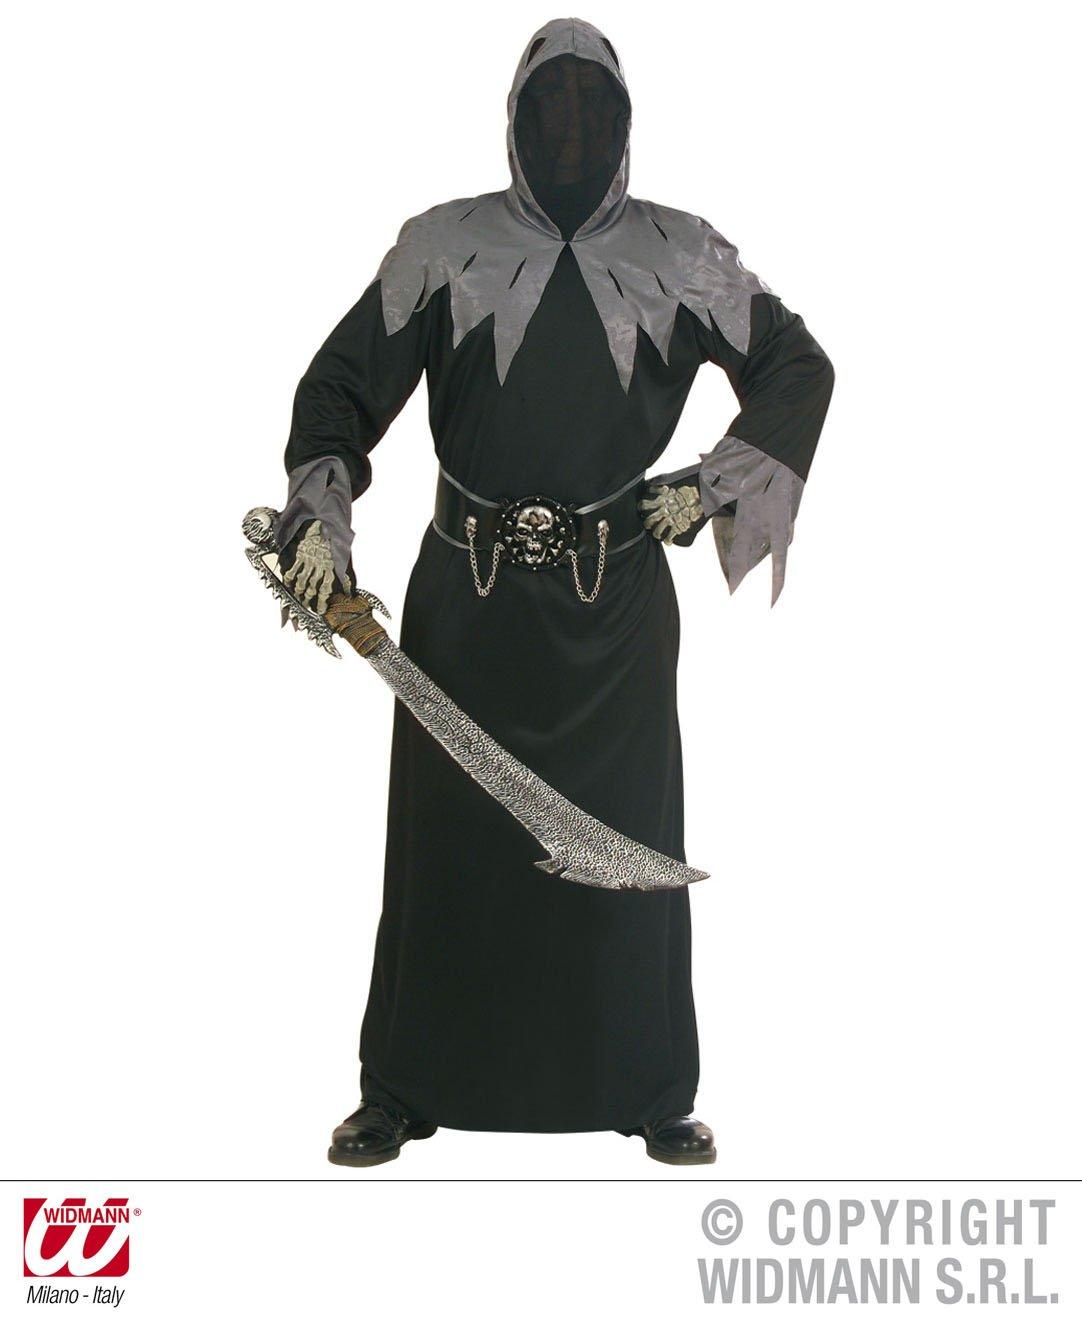 Widmann - Erwachsenenkostüm dunkler Ritter